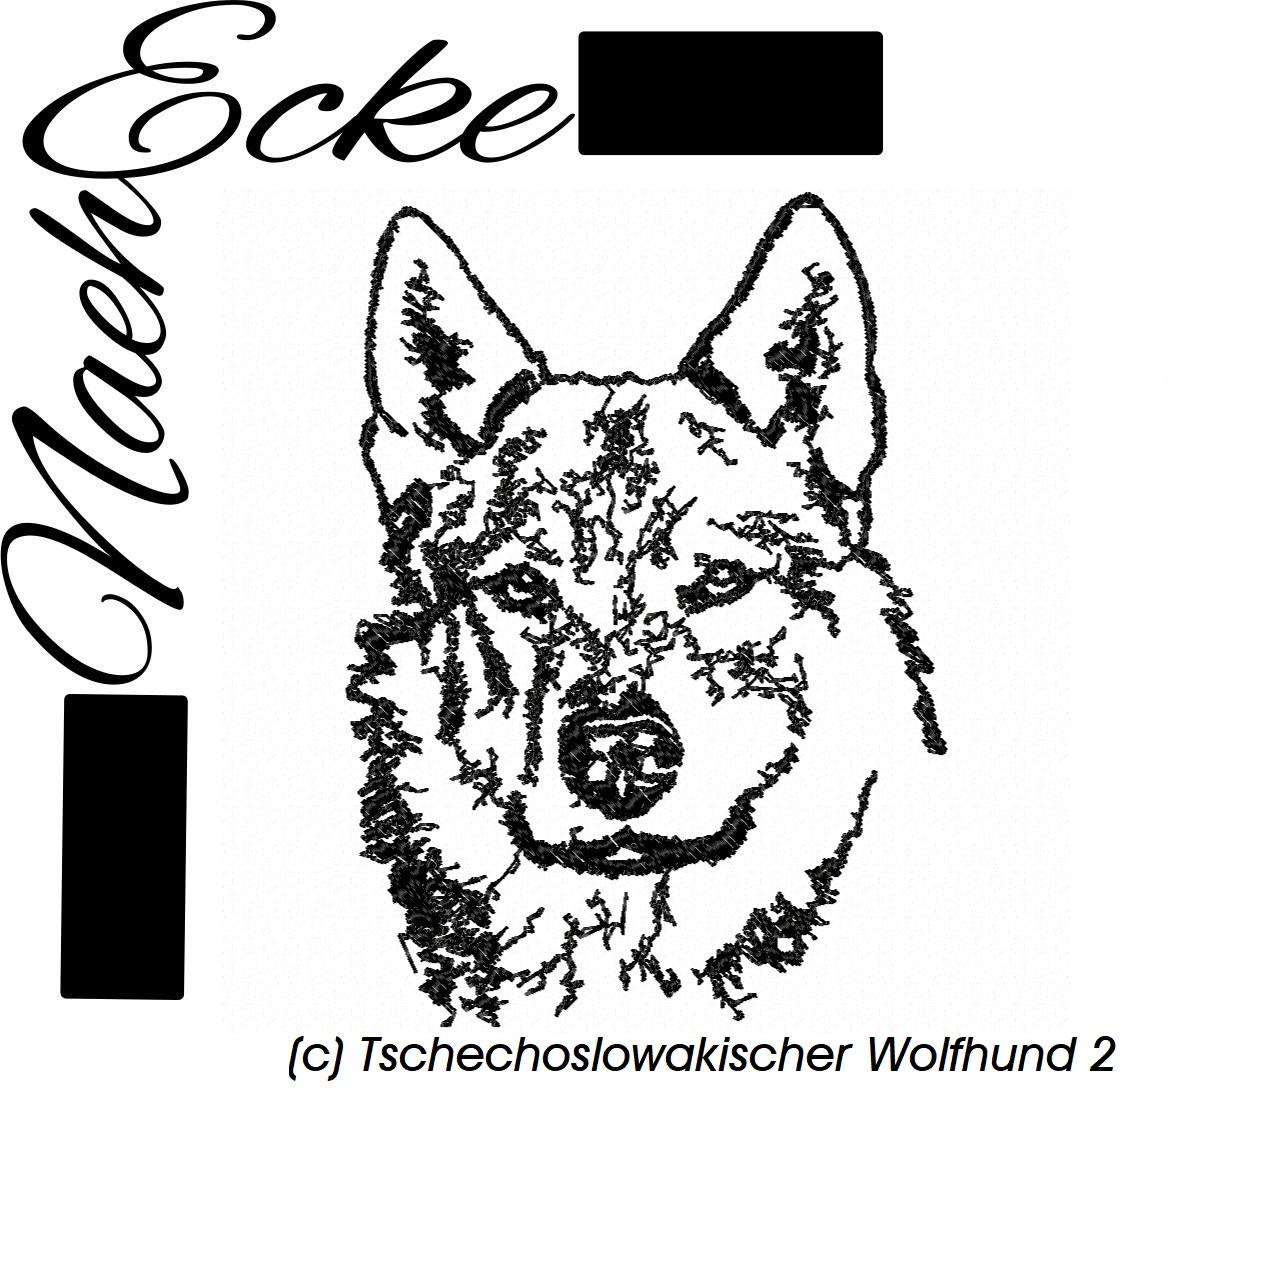 Tschechoslowakischer Wolfhund 2